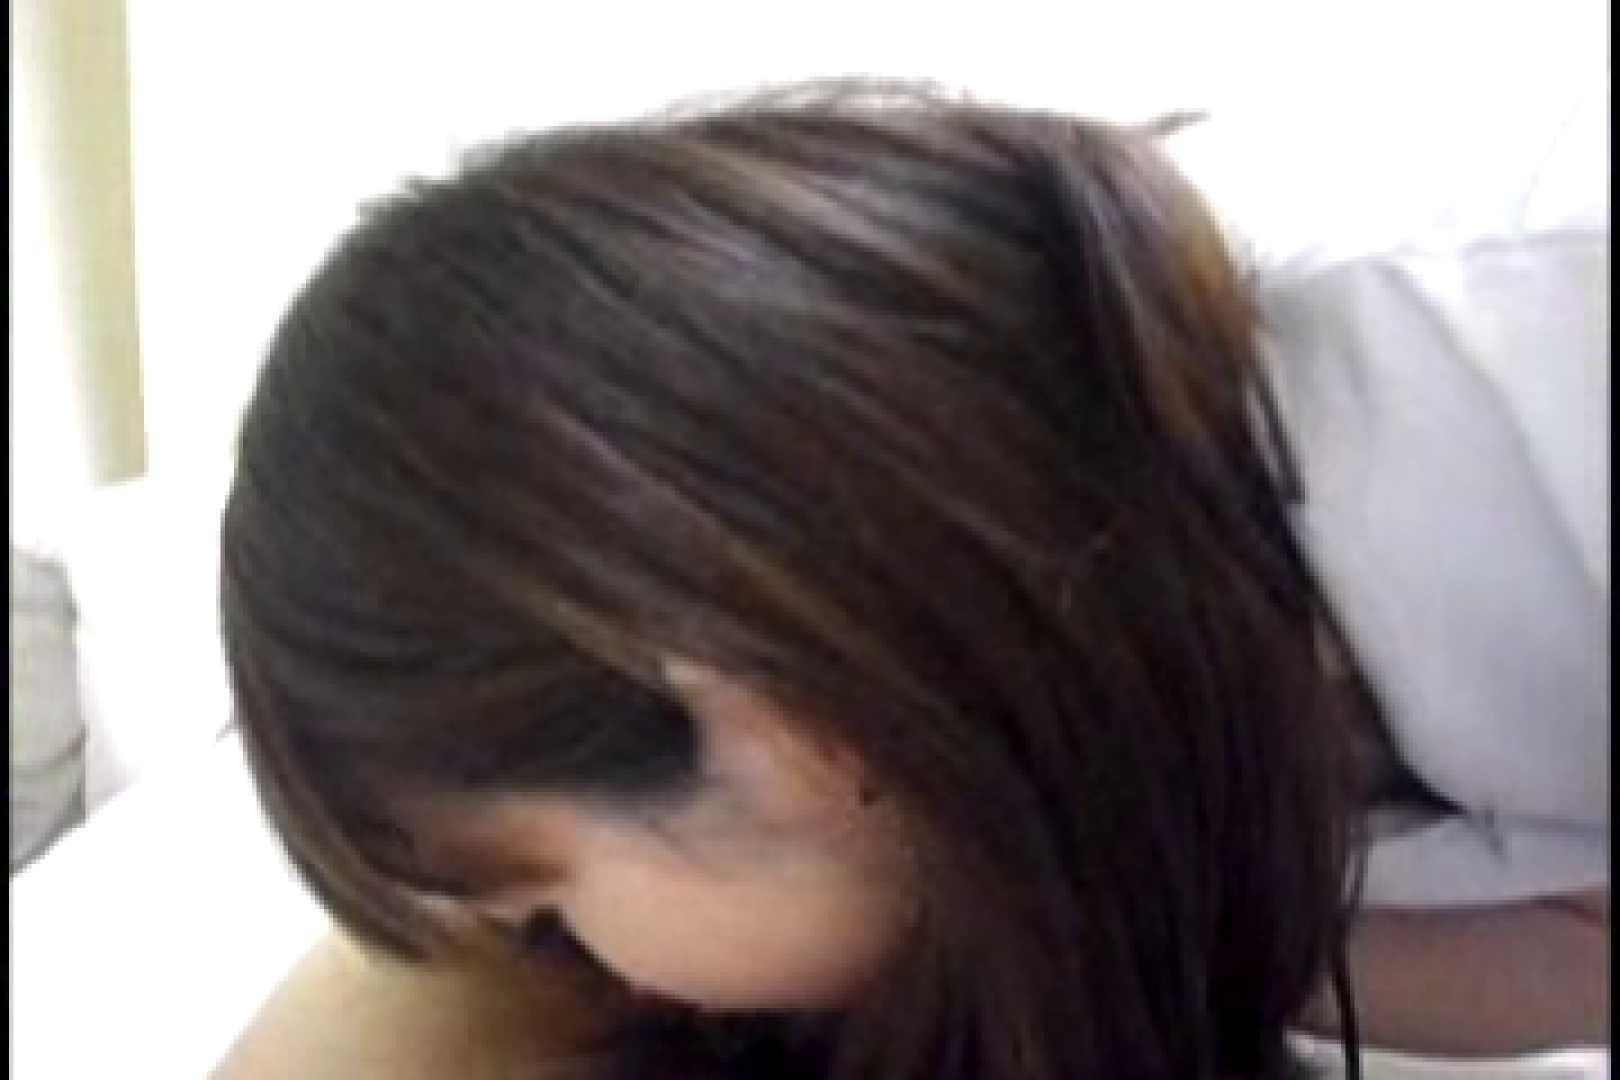 ヤリマンと呼ばれた看護士さんvol1 シックスナイン  98pic 72